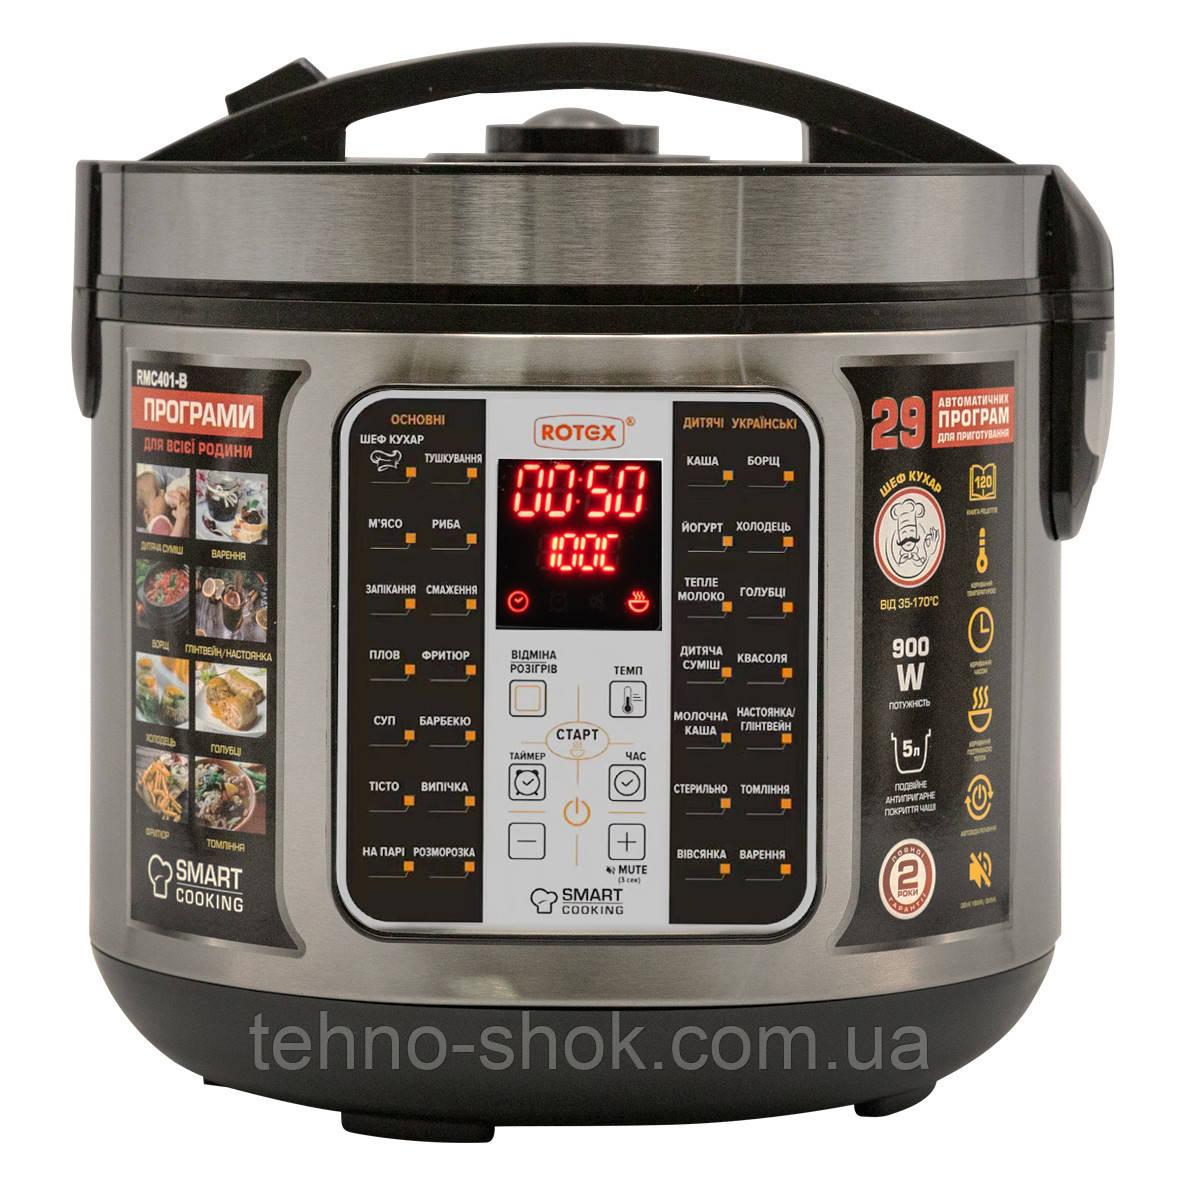 Мультиварка ROTEX RMC401-B Smart Cooking